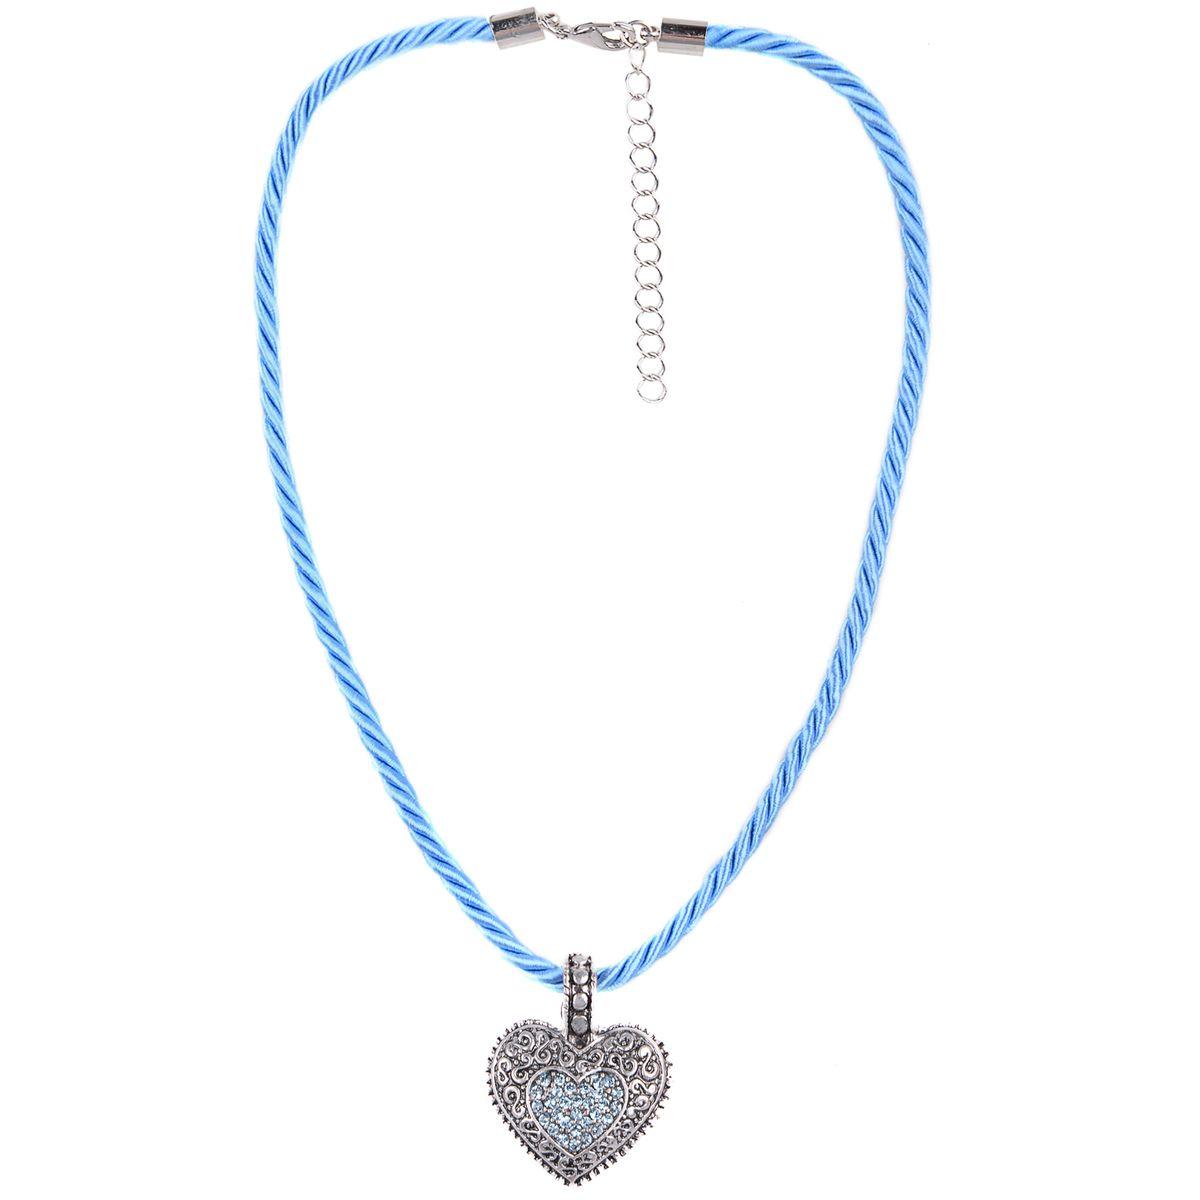 Kordelkette in Hellblau mit Herzanhänger von Schlick Accessoires günstig online kaufen